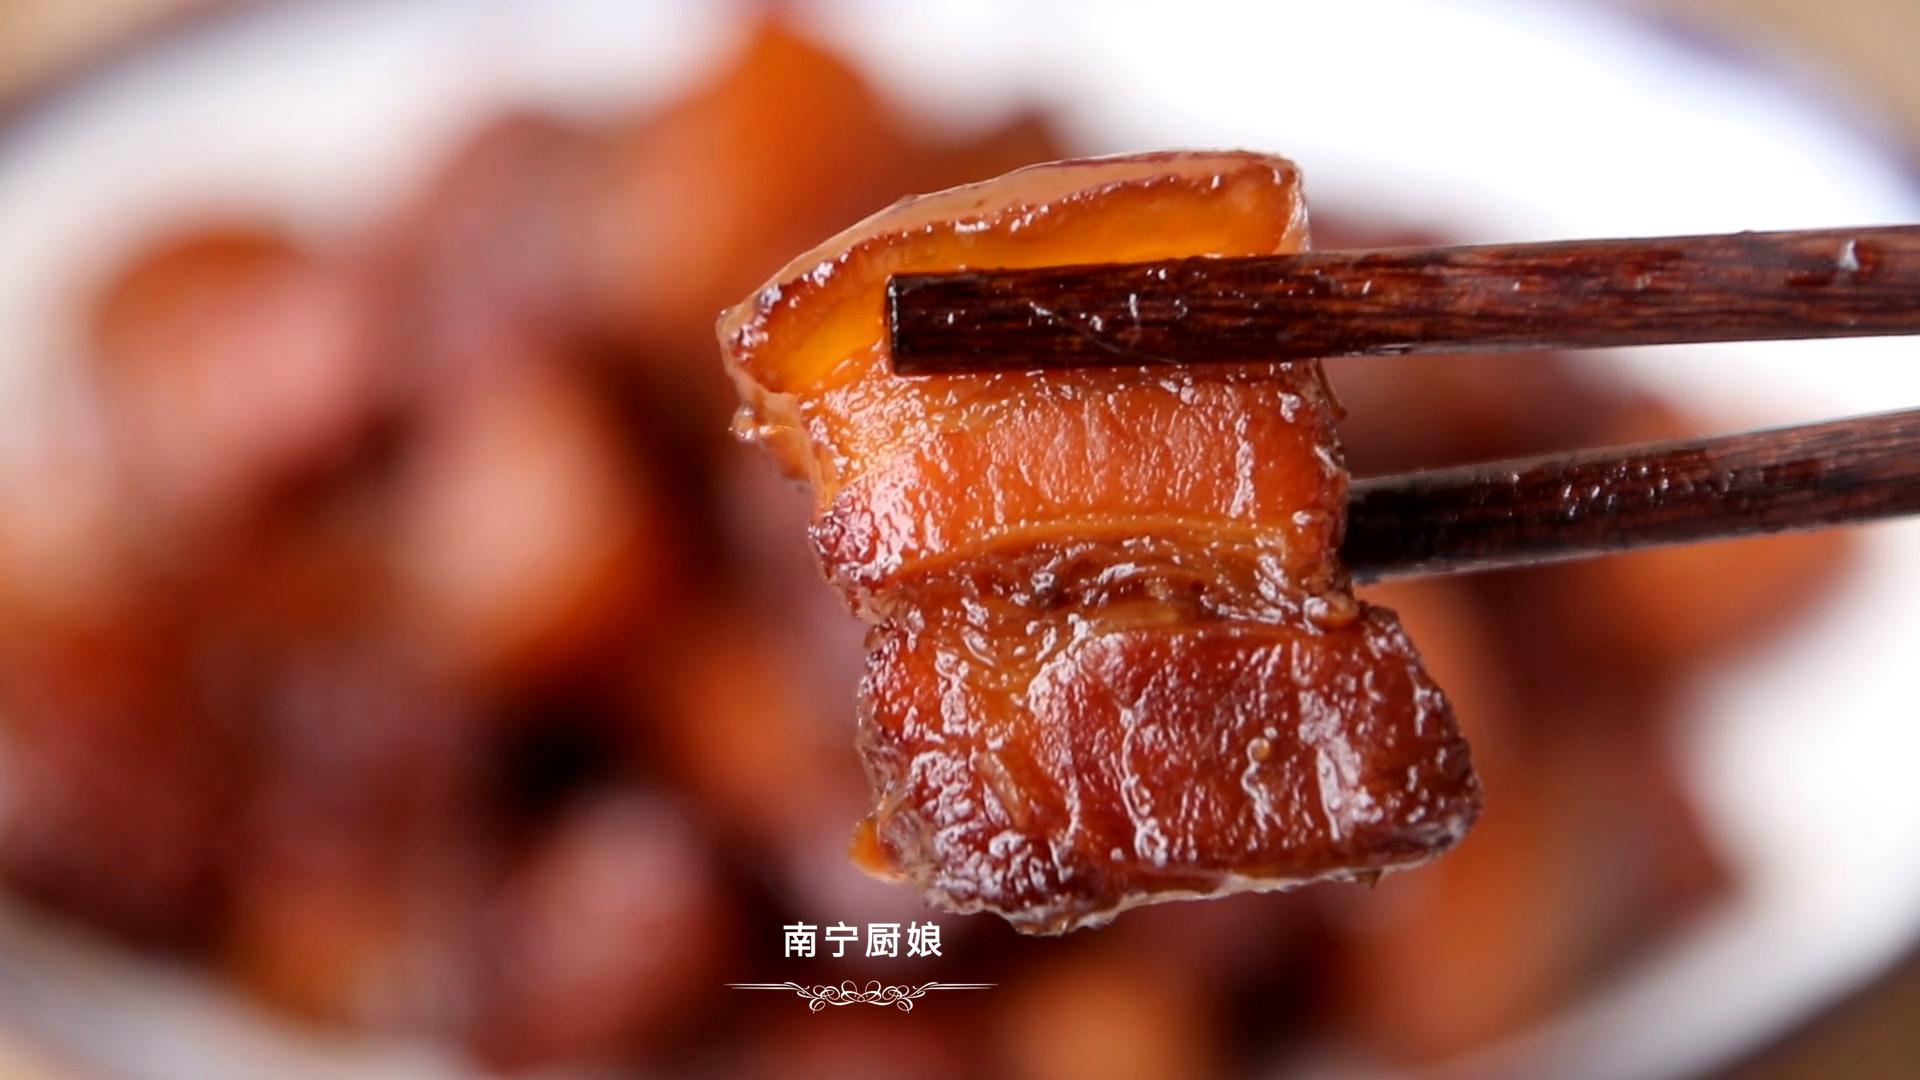 做紅燒肉時,焯水和直接燉都不對,大廚教你正確做法,軟糯還不膩